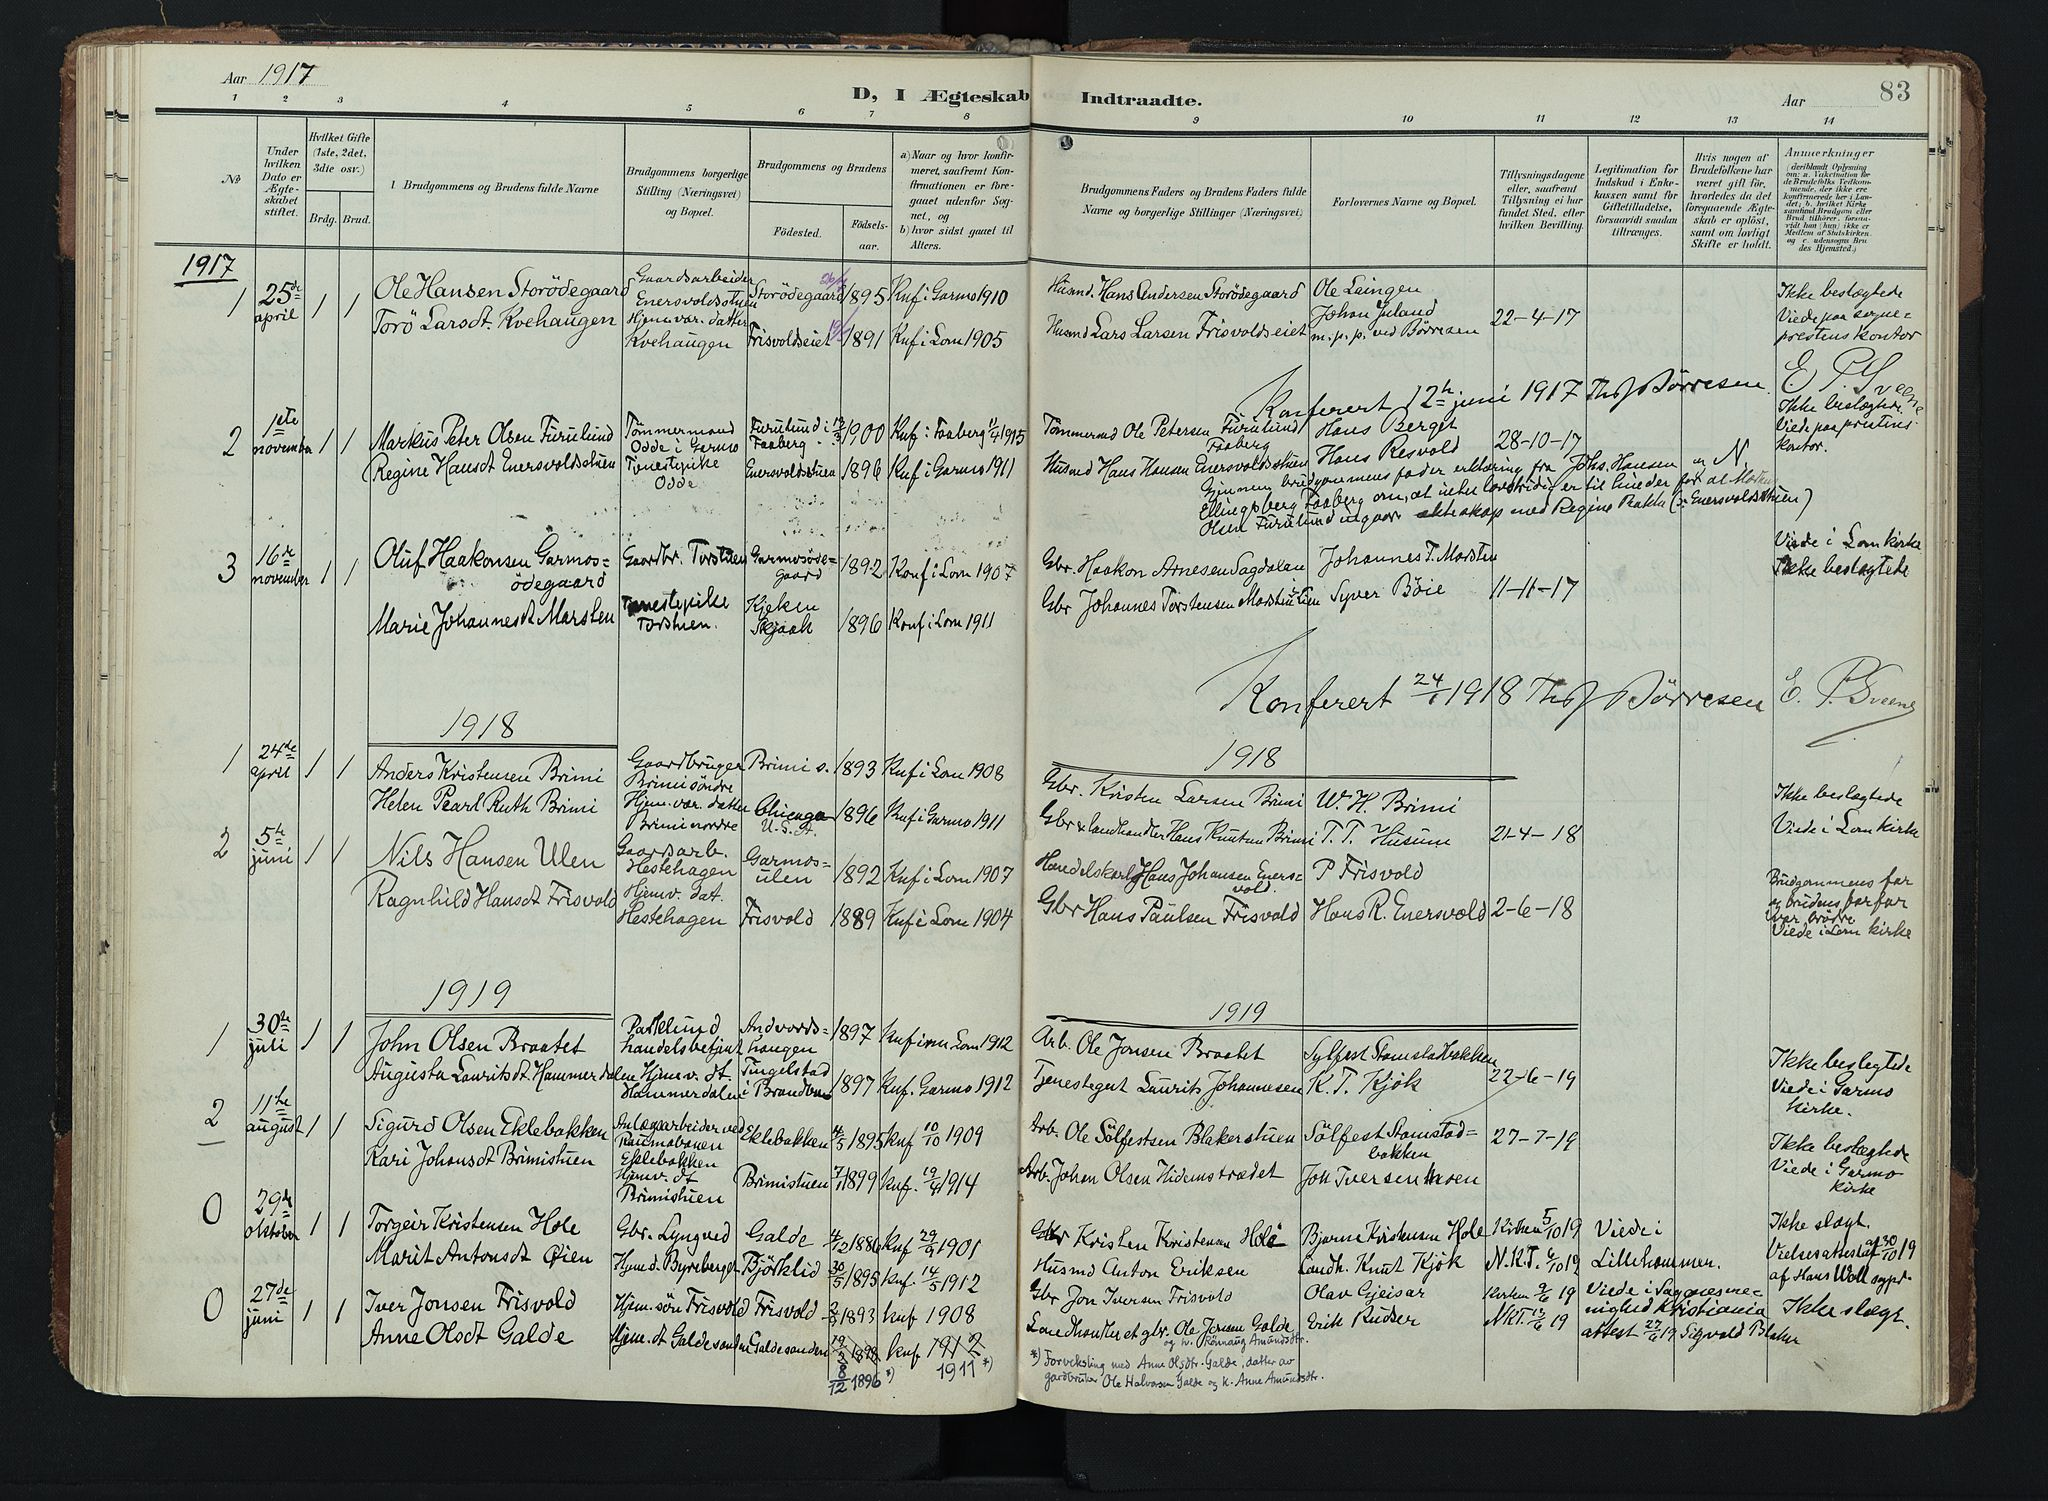 SAH, Lom prestekontor, K/L0011: Ministerialbok nr. 11, 1904-1928, s. 83